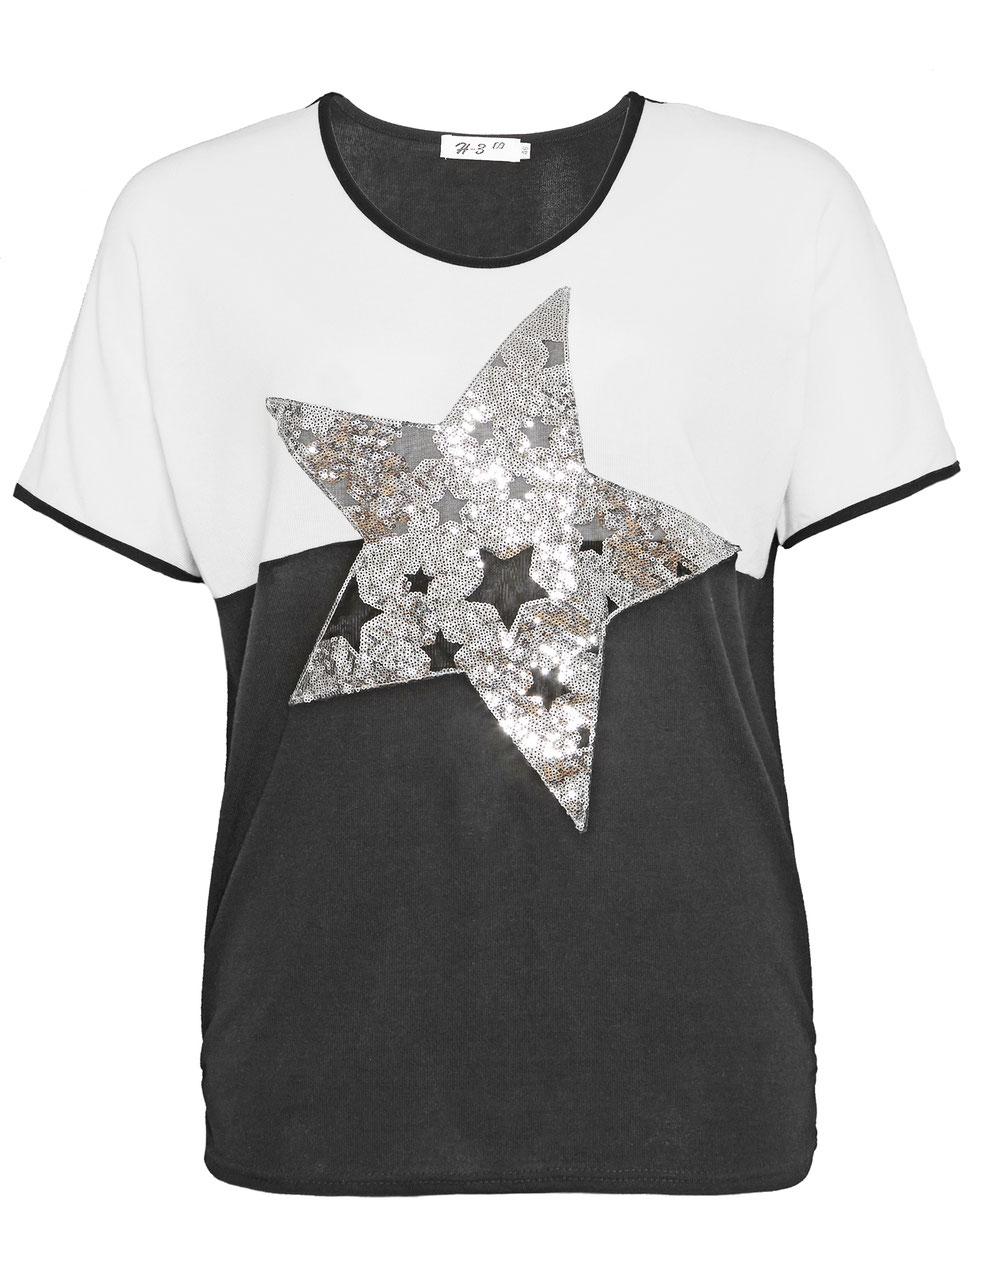 4241637e5eac00 T-Shirt schwarz-weiss mit Paillettenstern - Mypepita.com